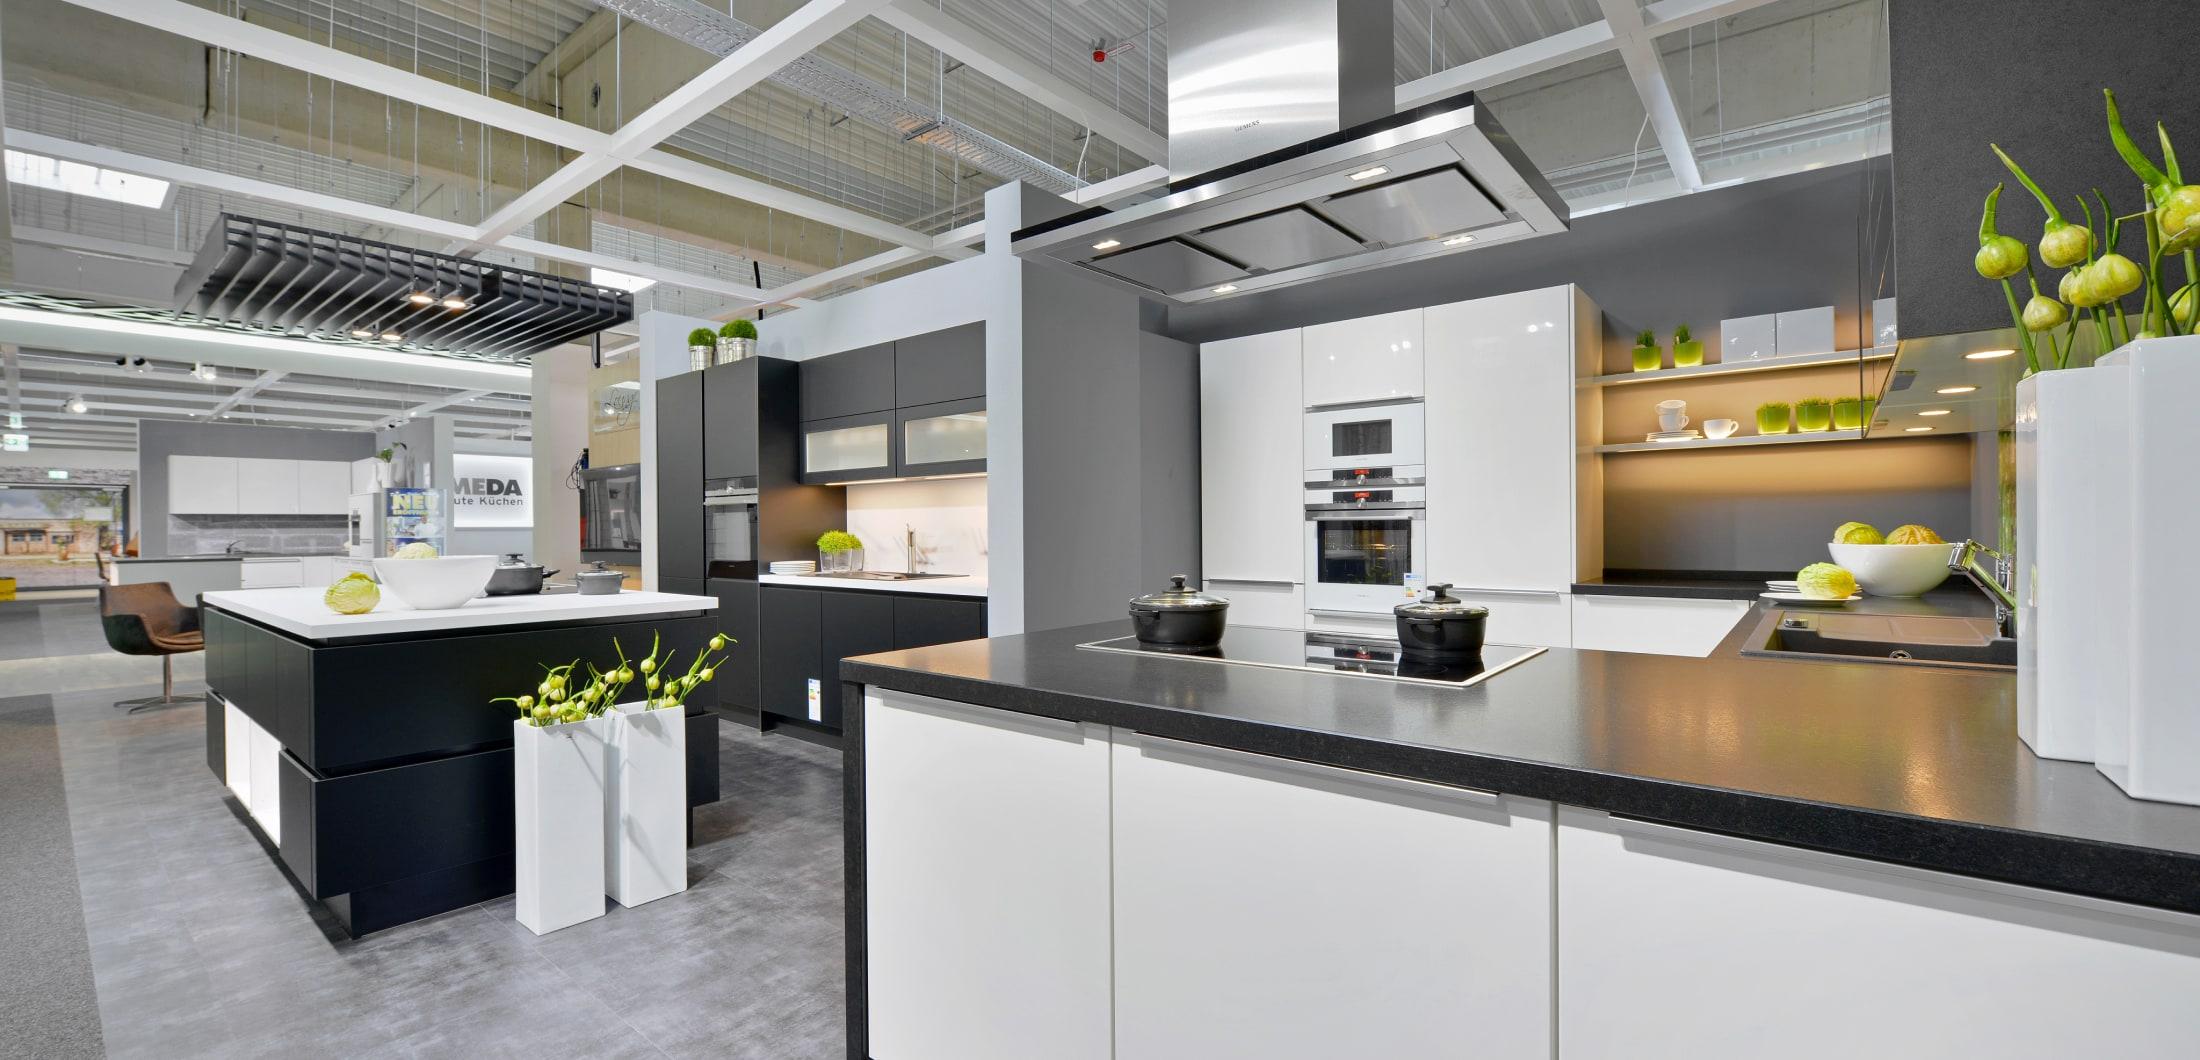 moderne Küche mit weißen Fronten und dunkler Arbeitsplatte